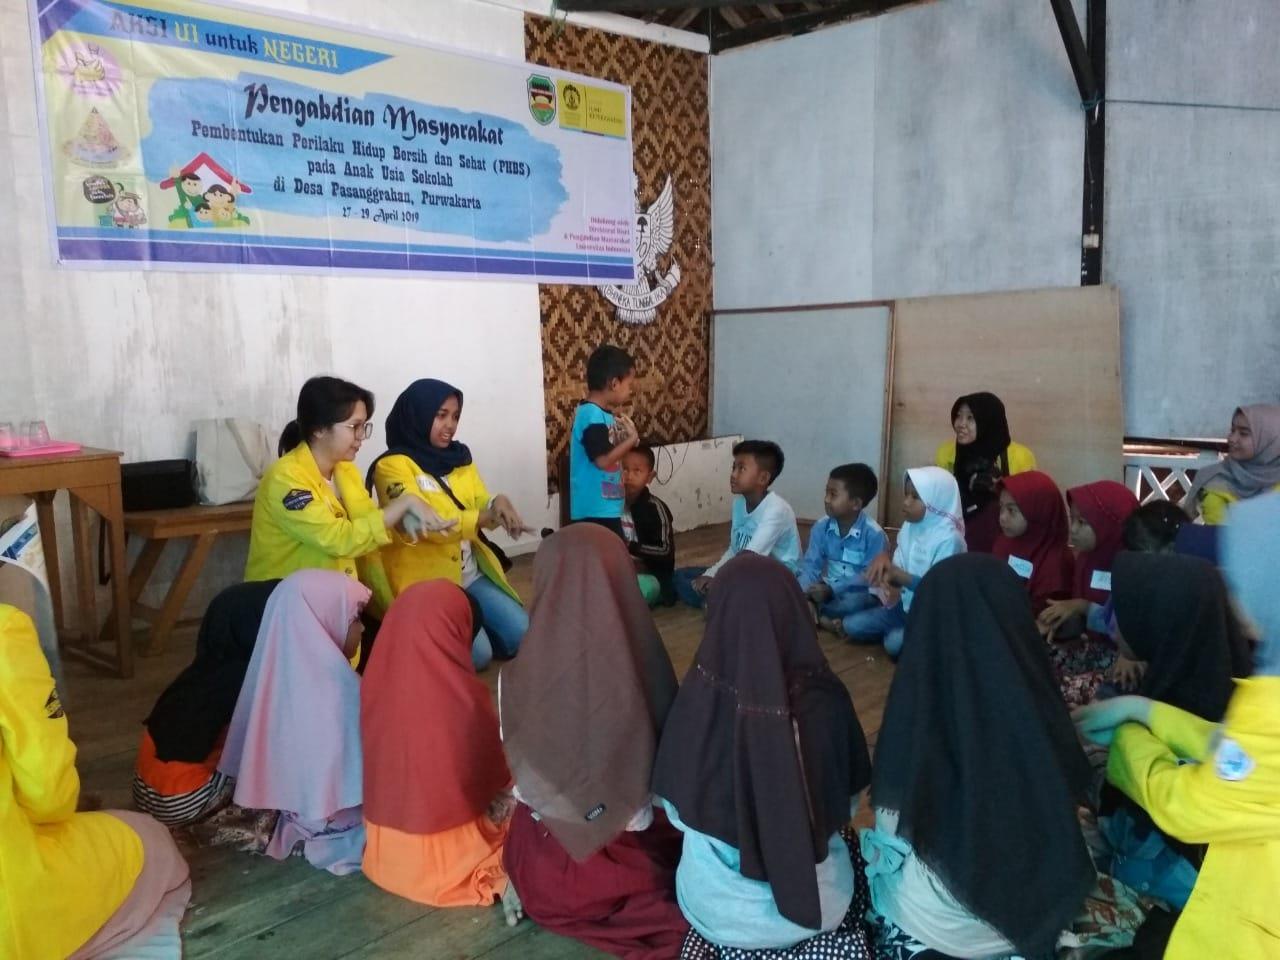 Di Desa Pesanggrahan, 65 Relawan Fakultas Ilmu Keperawatan Univ Indonesia Adakan Penyuluhan Kesehatan